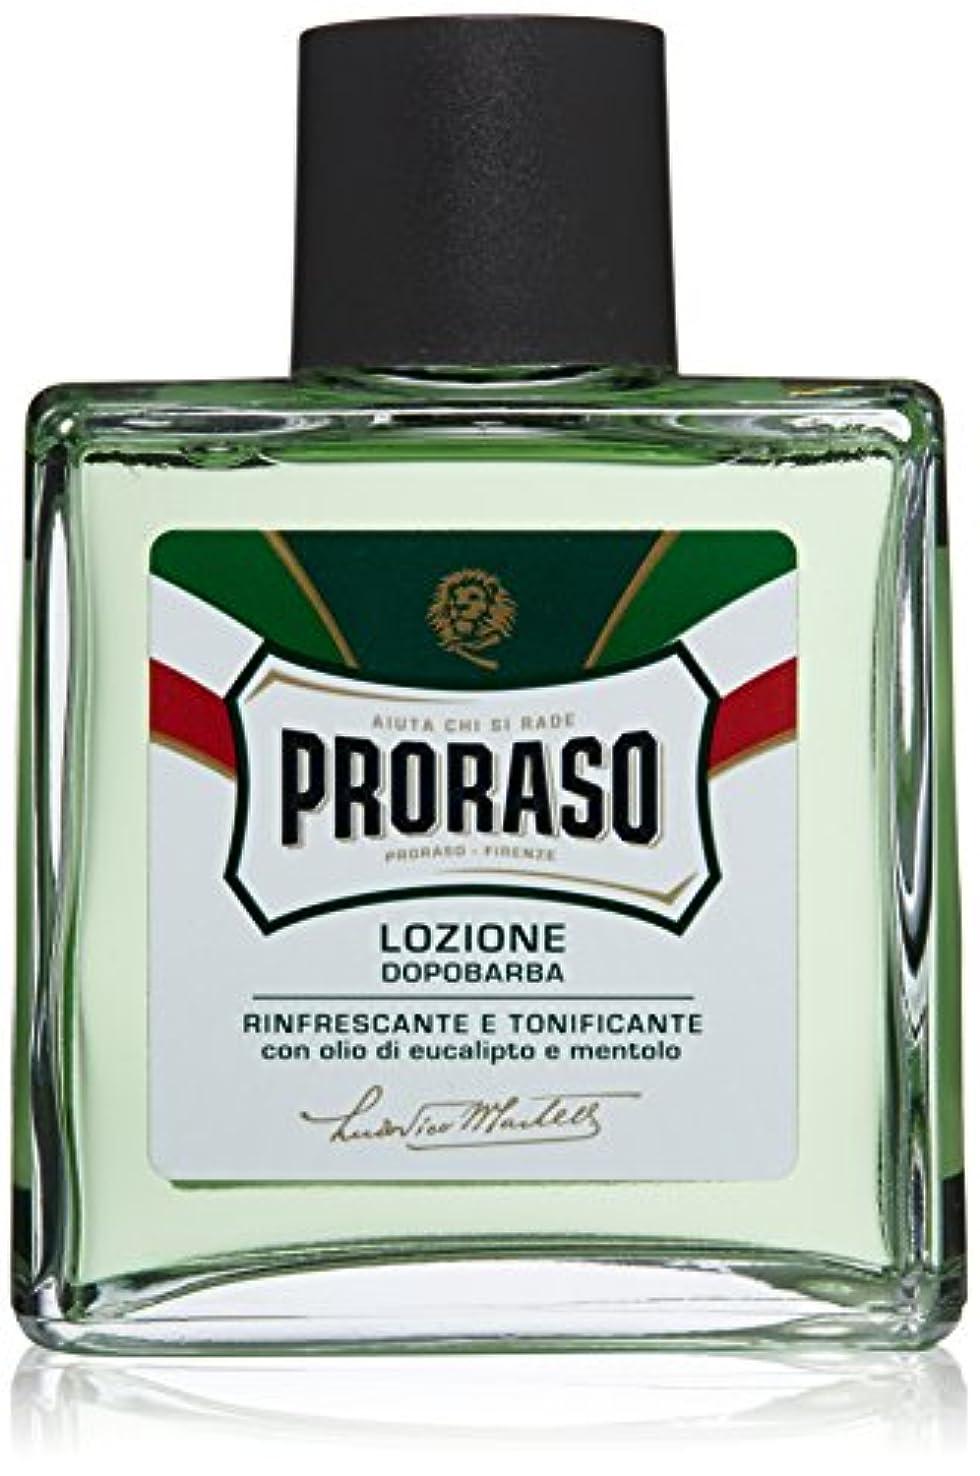 サポート非難するゲートウェイProraso アフター シェイブ ローション 並行輸入品 Proraso Aftershave Lotion Refresh 100 ml